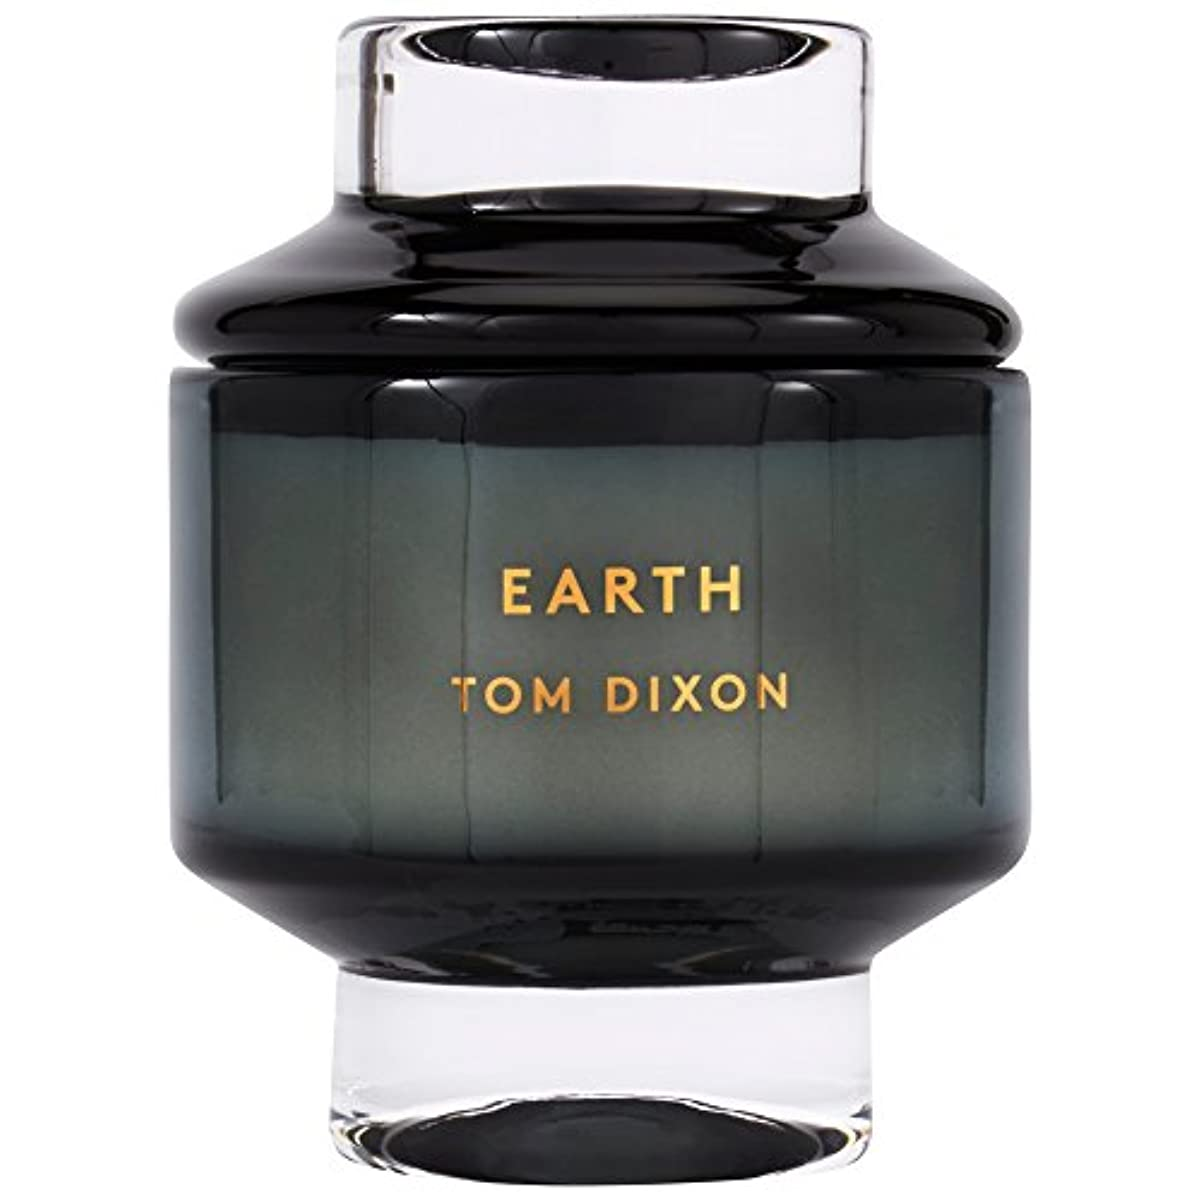 逆説ドアミラージャンルTom Dixon Earth Scented Candle Large - トムディクソン地球大の香りのキャンドル [並行輸入品]